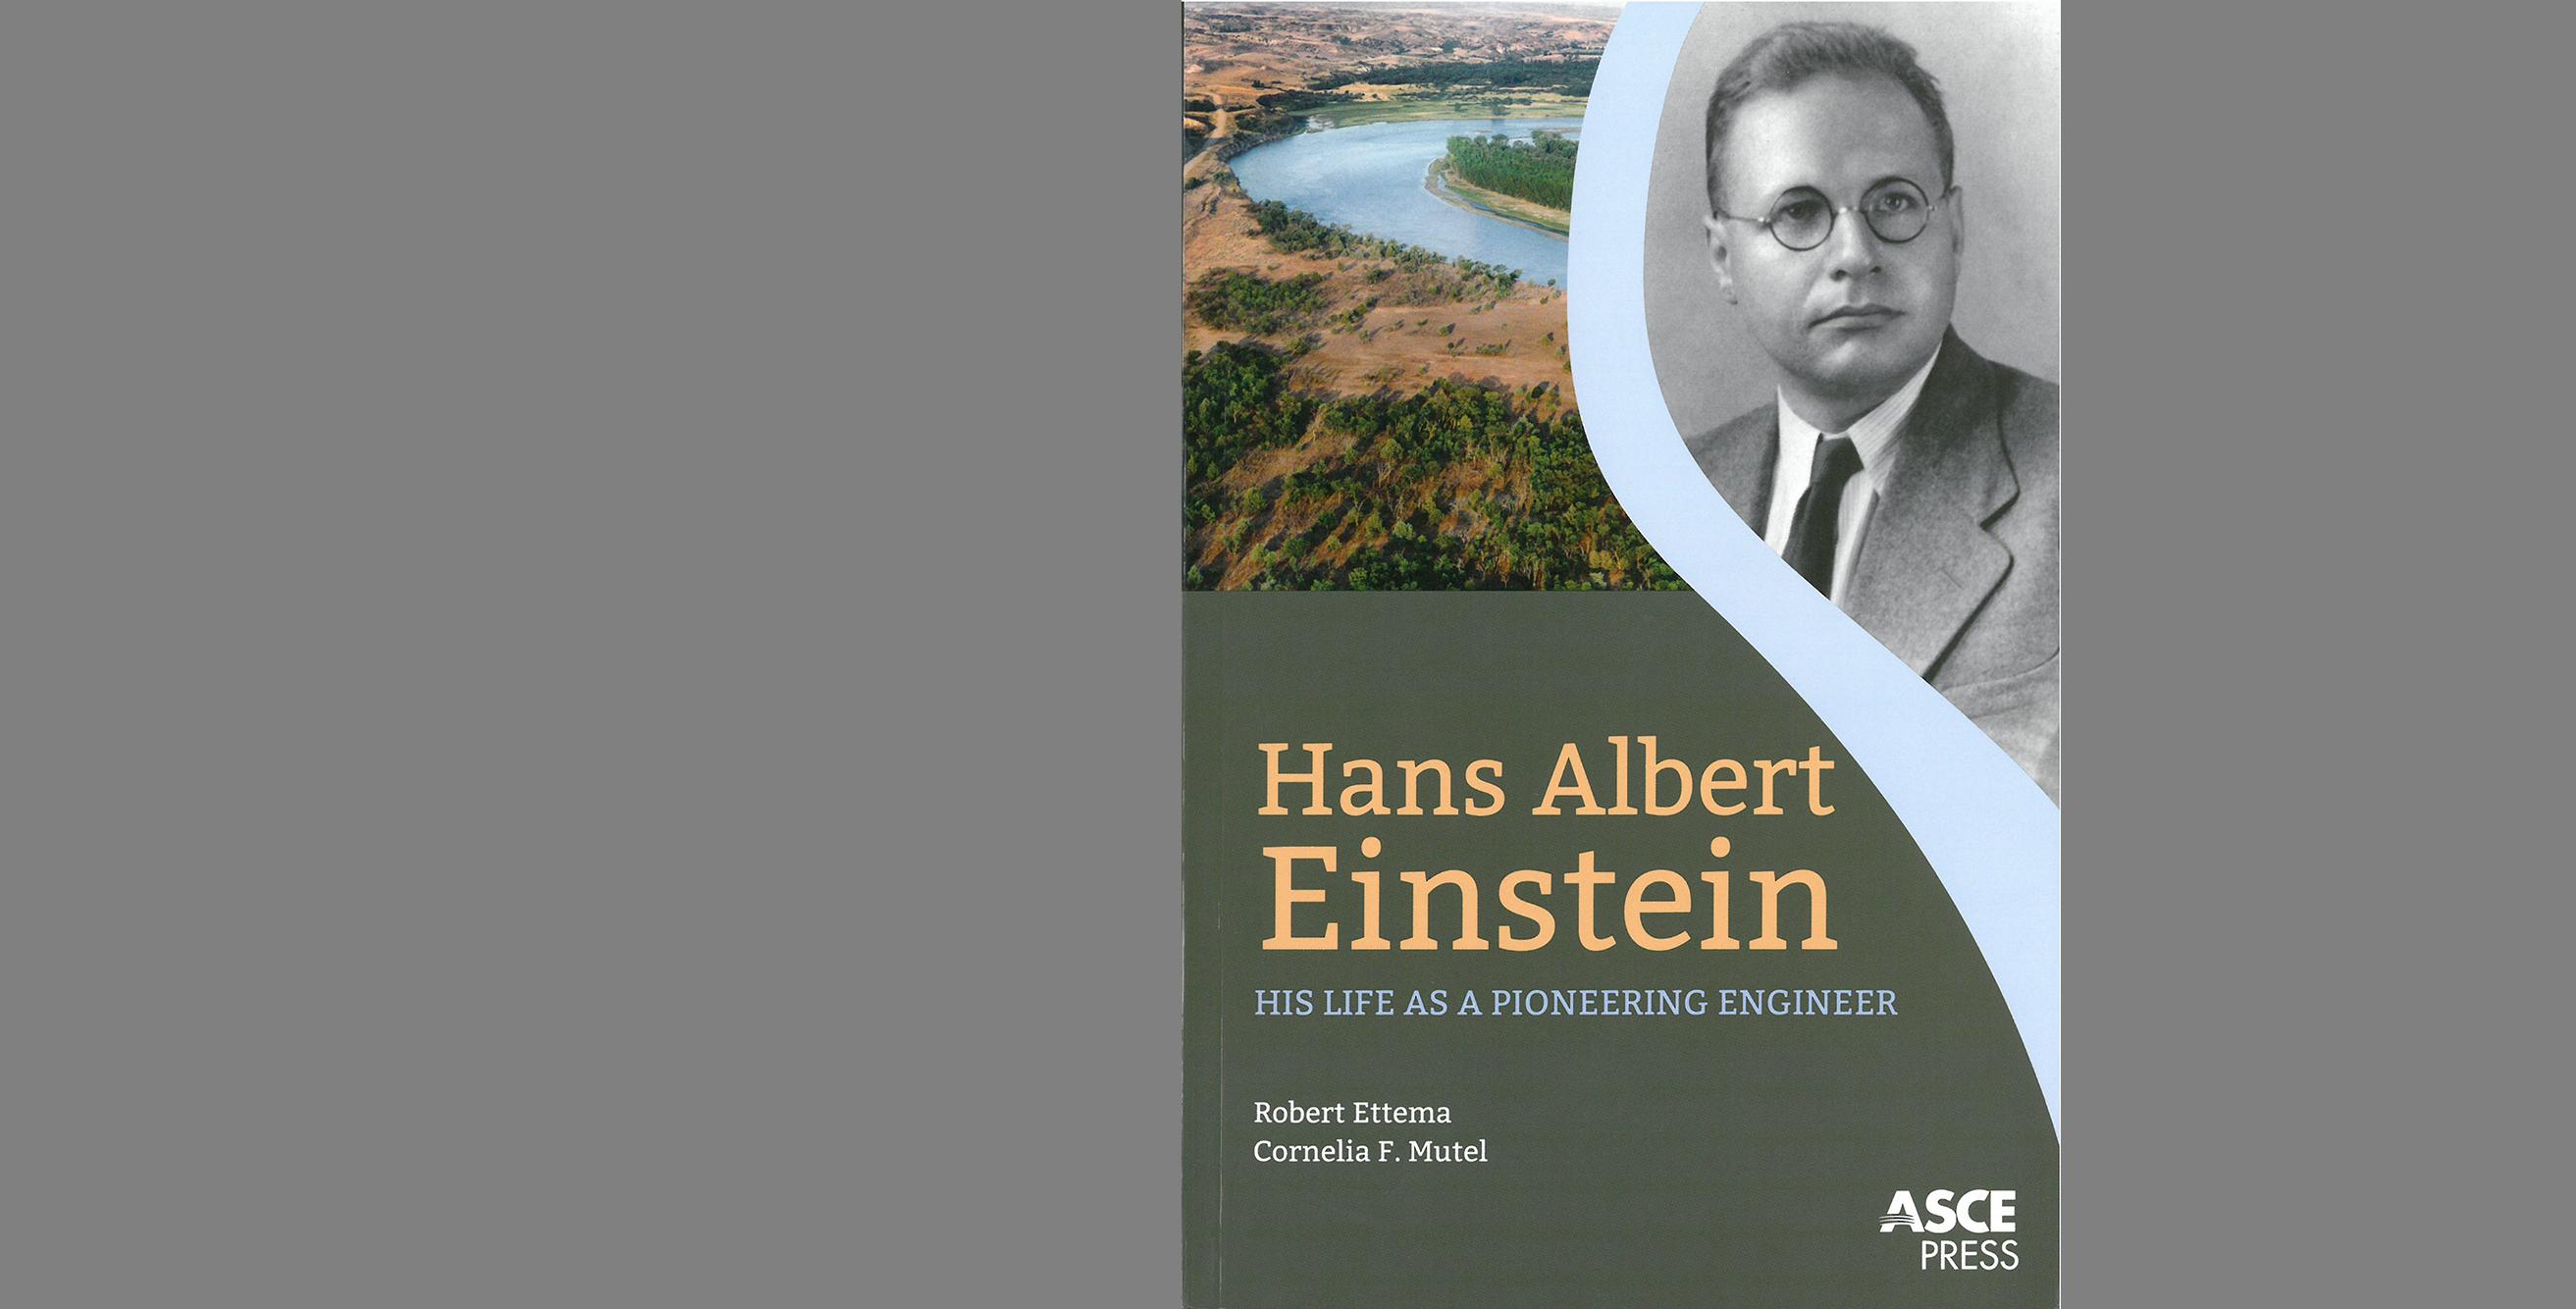 Cover of the Hans Albert Einstein book.